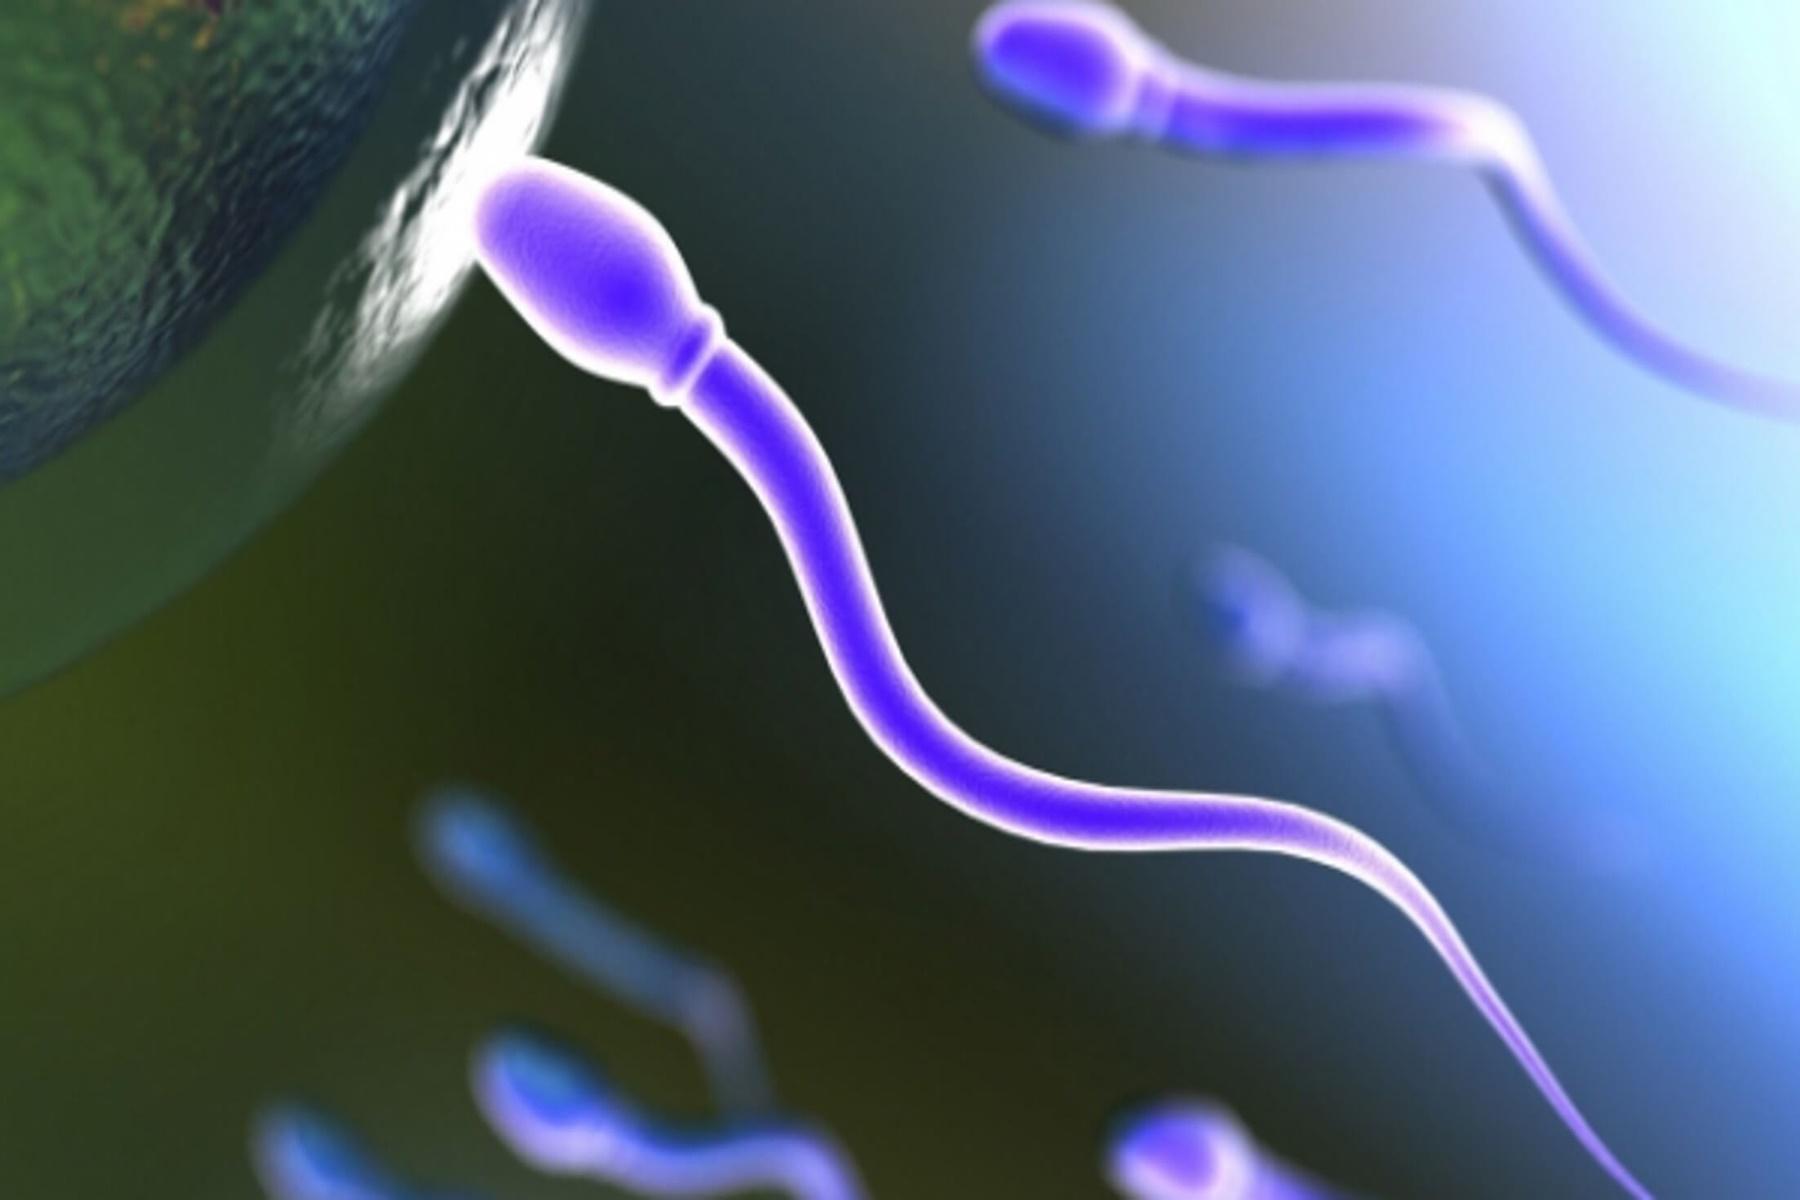 Εμβόλια Κορωνοιός : Η Επίδραση τους στο Σπέρμα